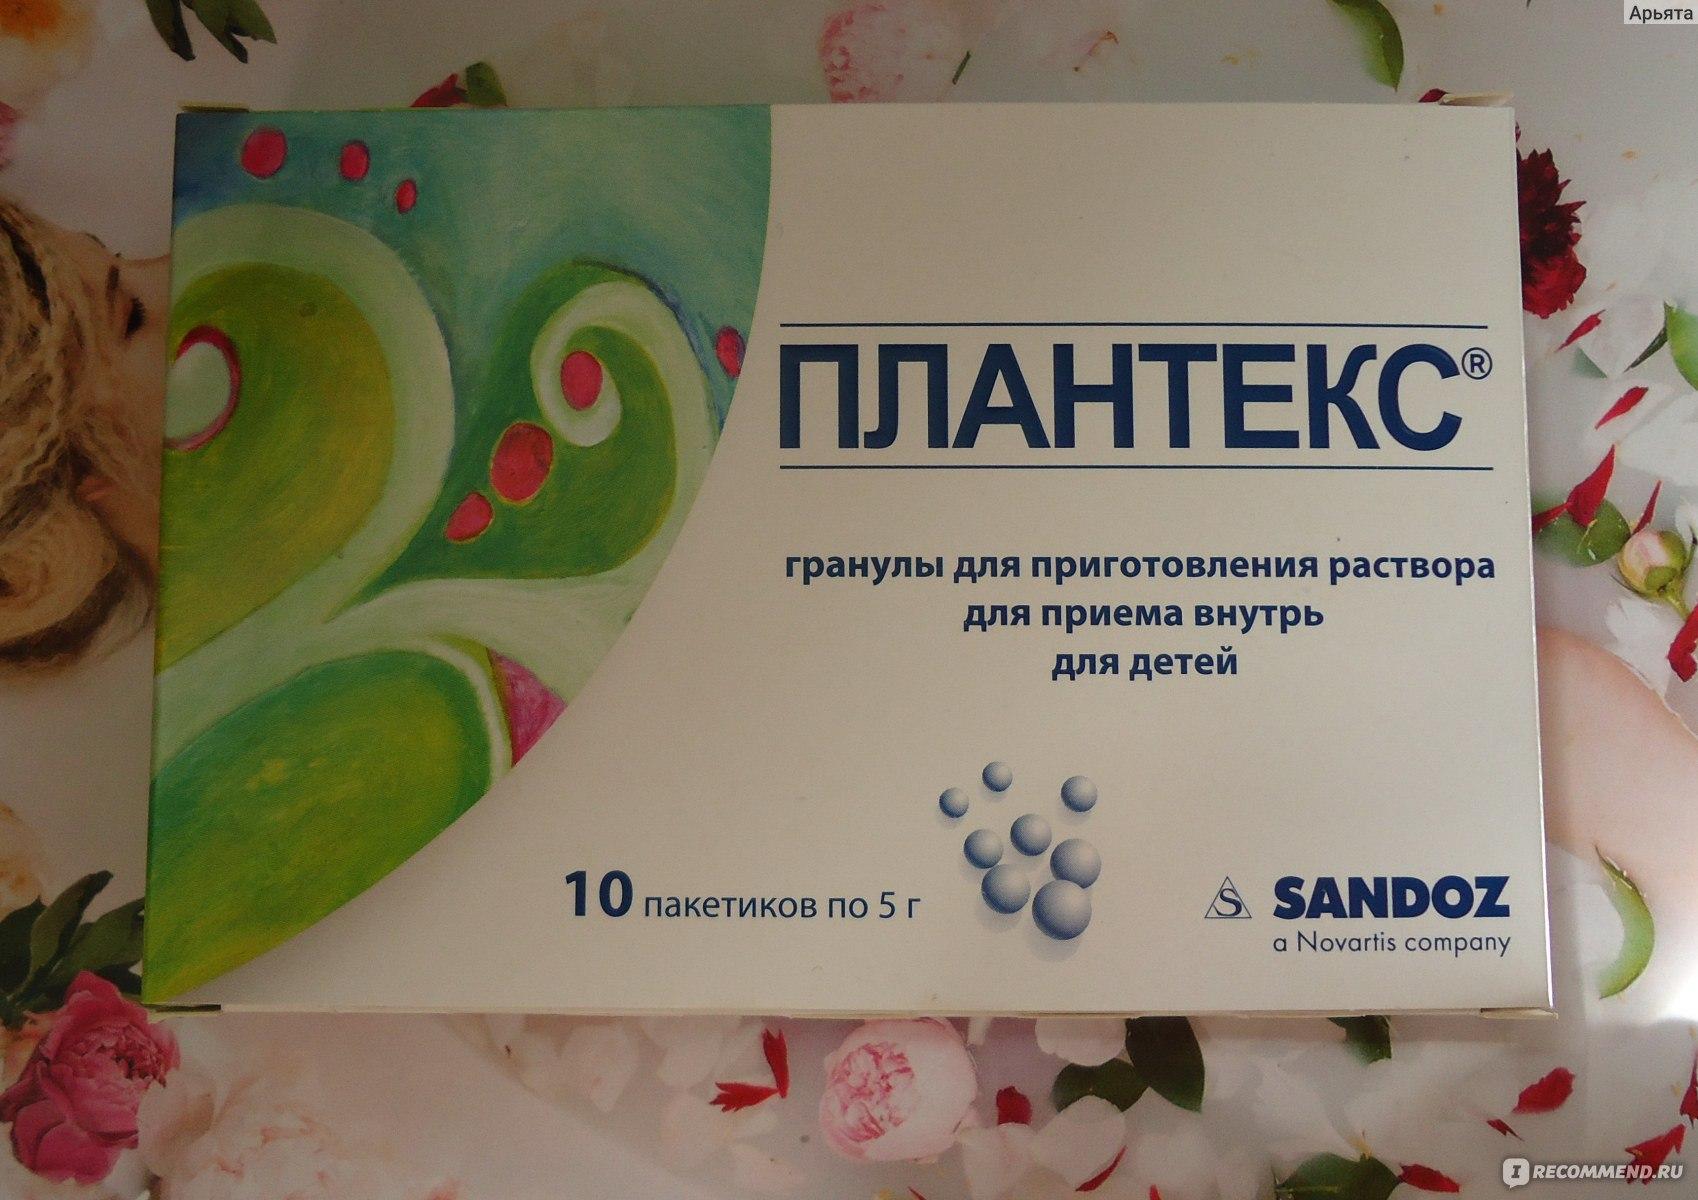 Плантекс для новорожденных: инструкция по применению и отзывы по приему препарата (100 фото)